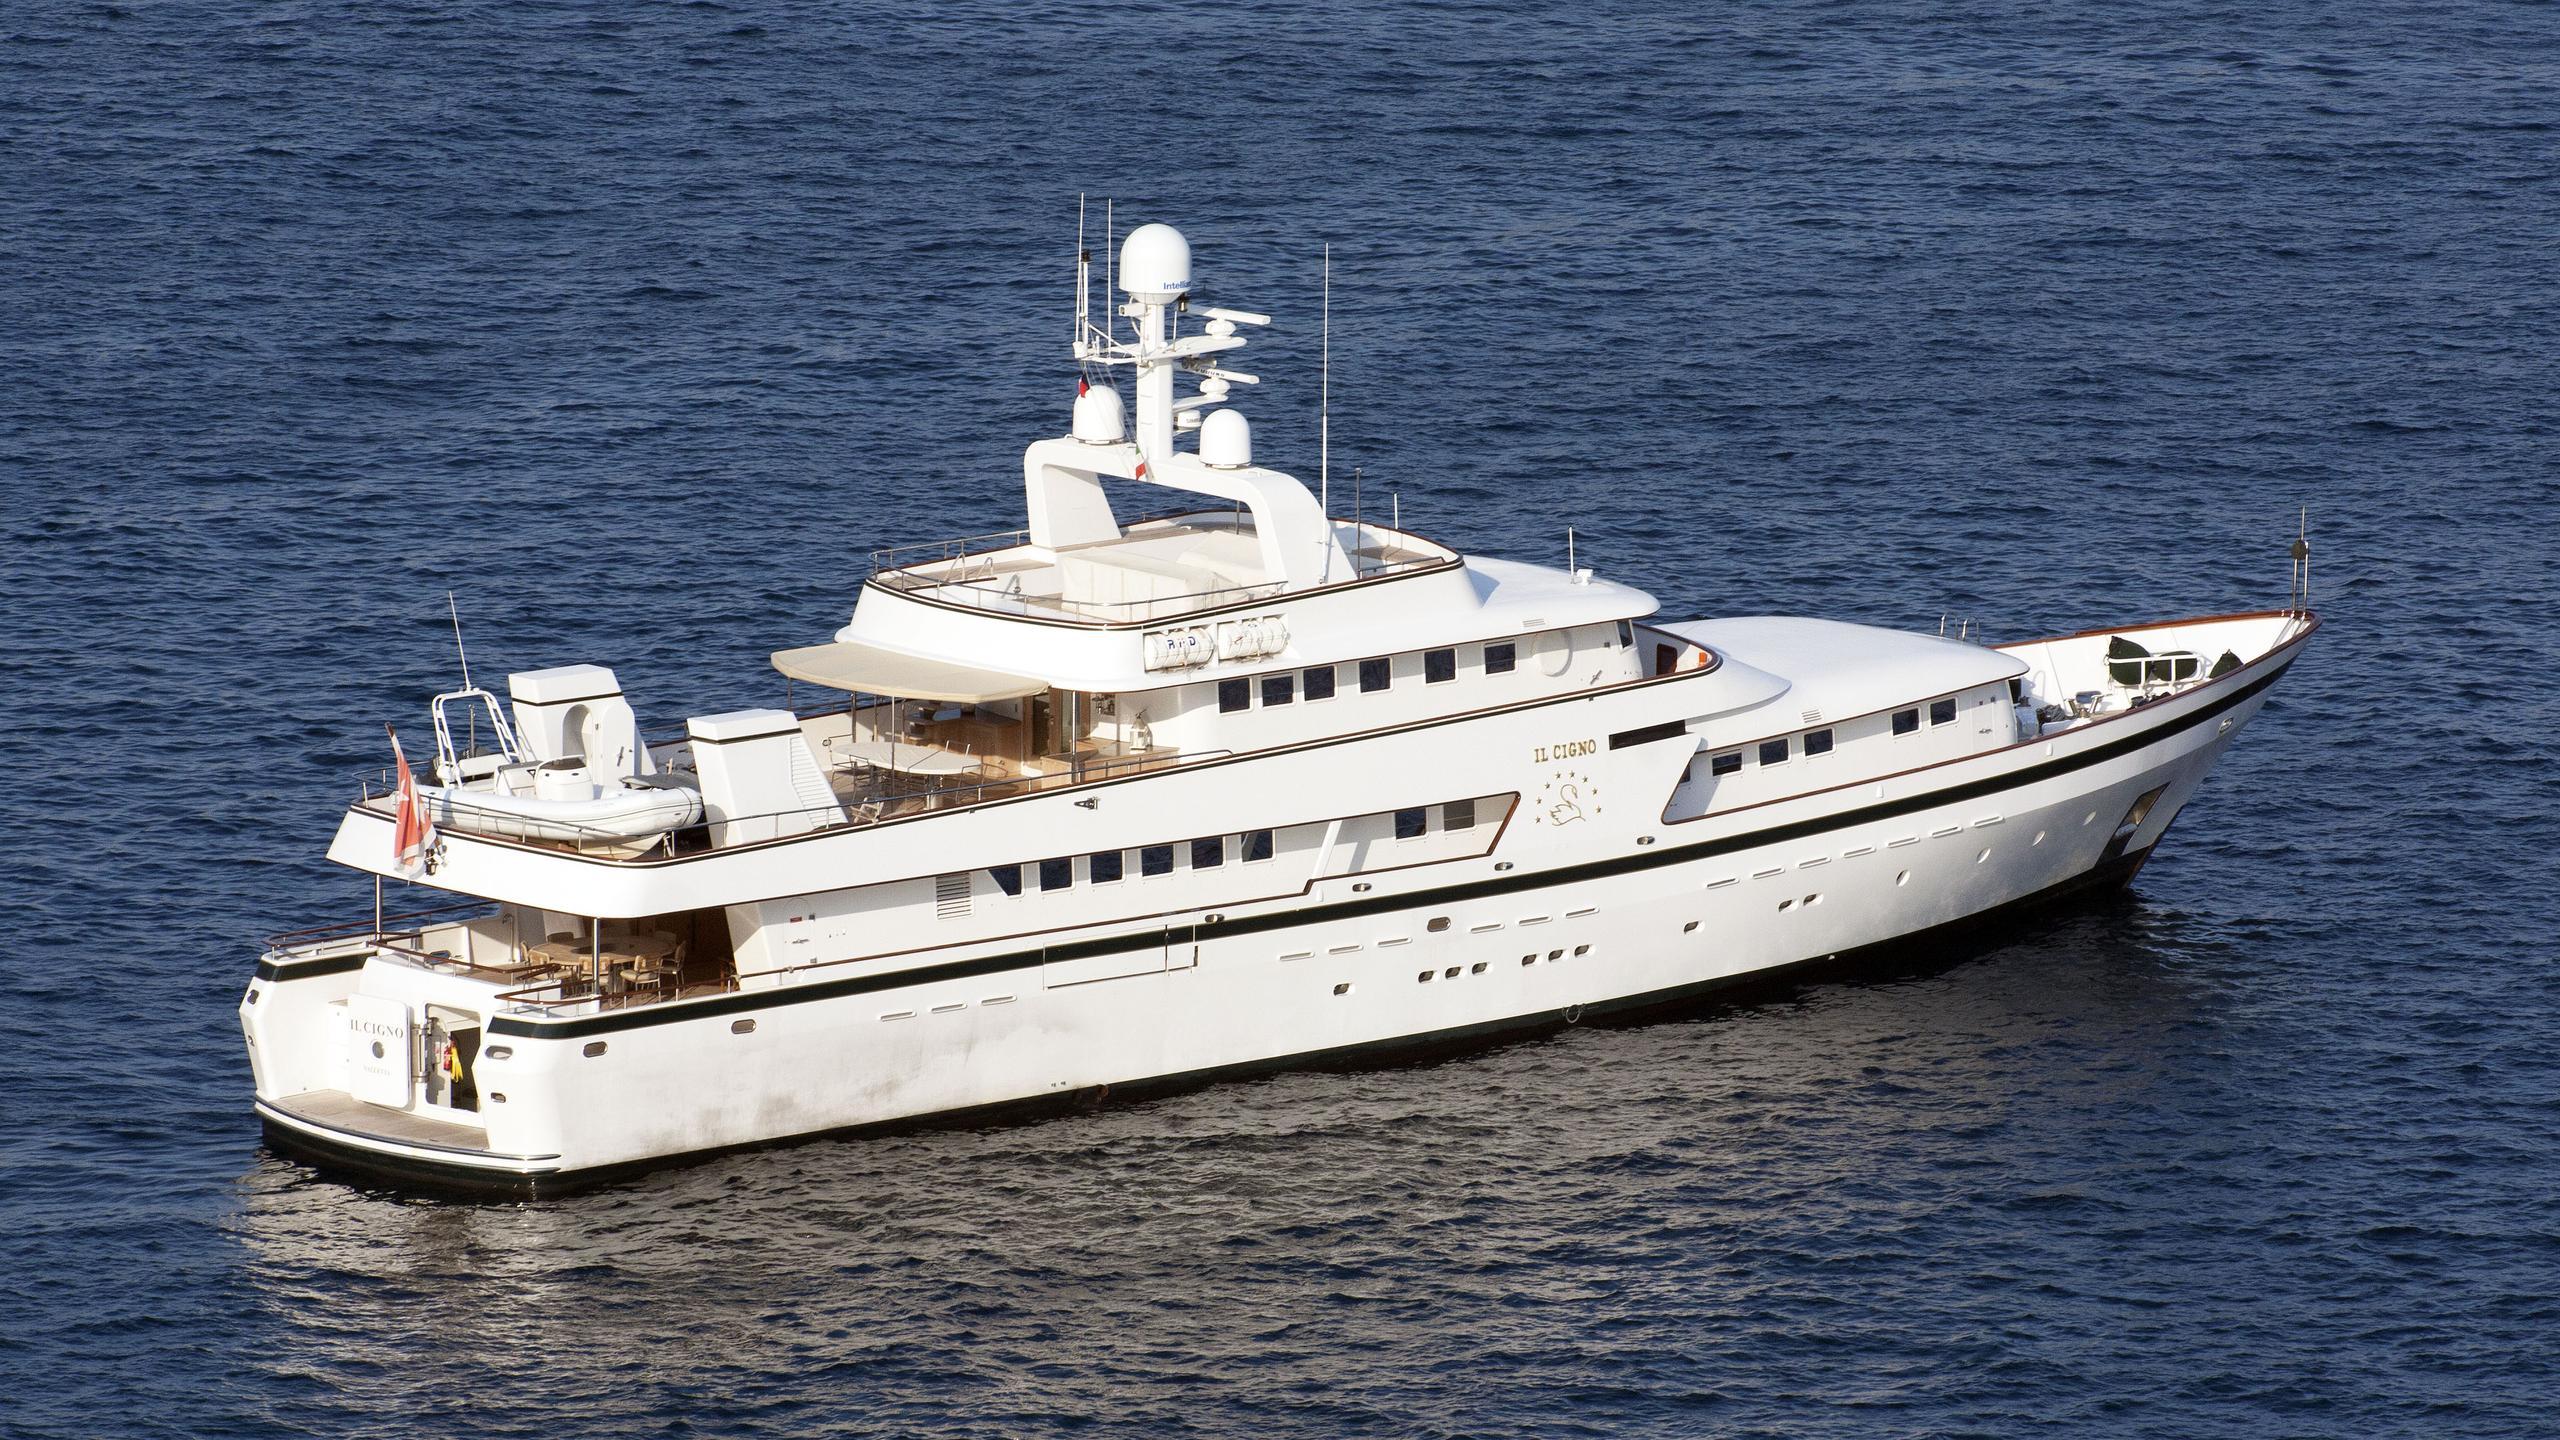 il-cigno-motor-yacht-nicolini-1985-42m-profile